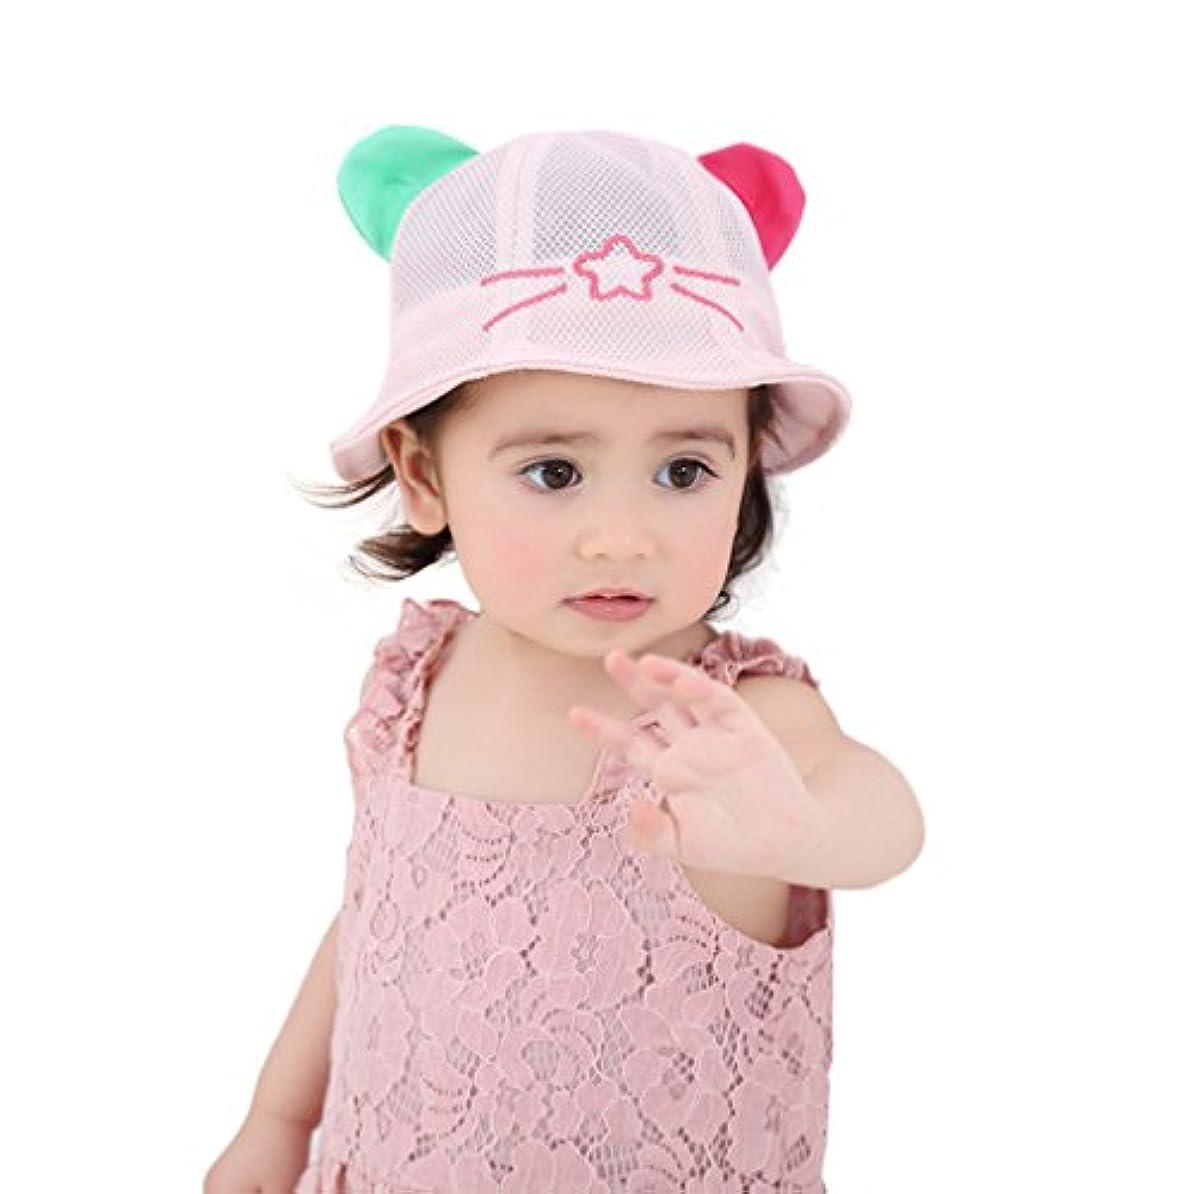 ハット キッズ キャップ 赤ちゃん 帽子 日よけ帽 子供用 つば広 折りたたみ 調節可能 春 夏 遮光 おおきいサイズ おしゃれ 可愛い シンプル 紫外線対策 日焼け止め 登山 旅行 野球帽 コットン アウトドア プレゼント